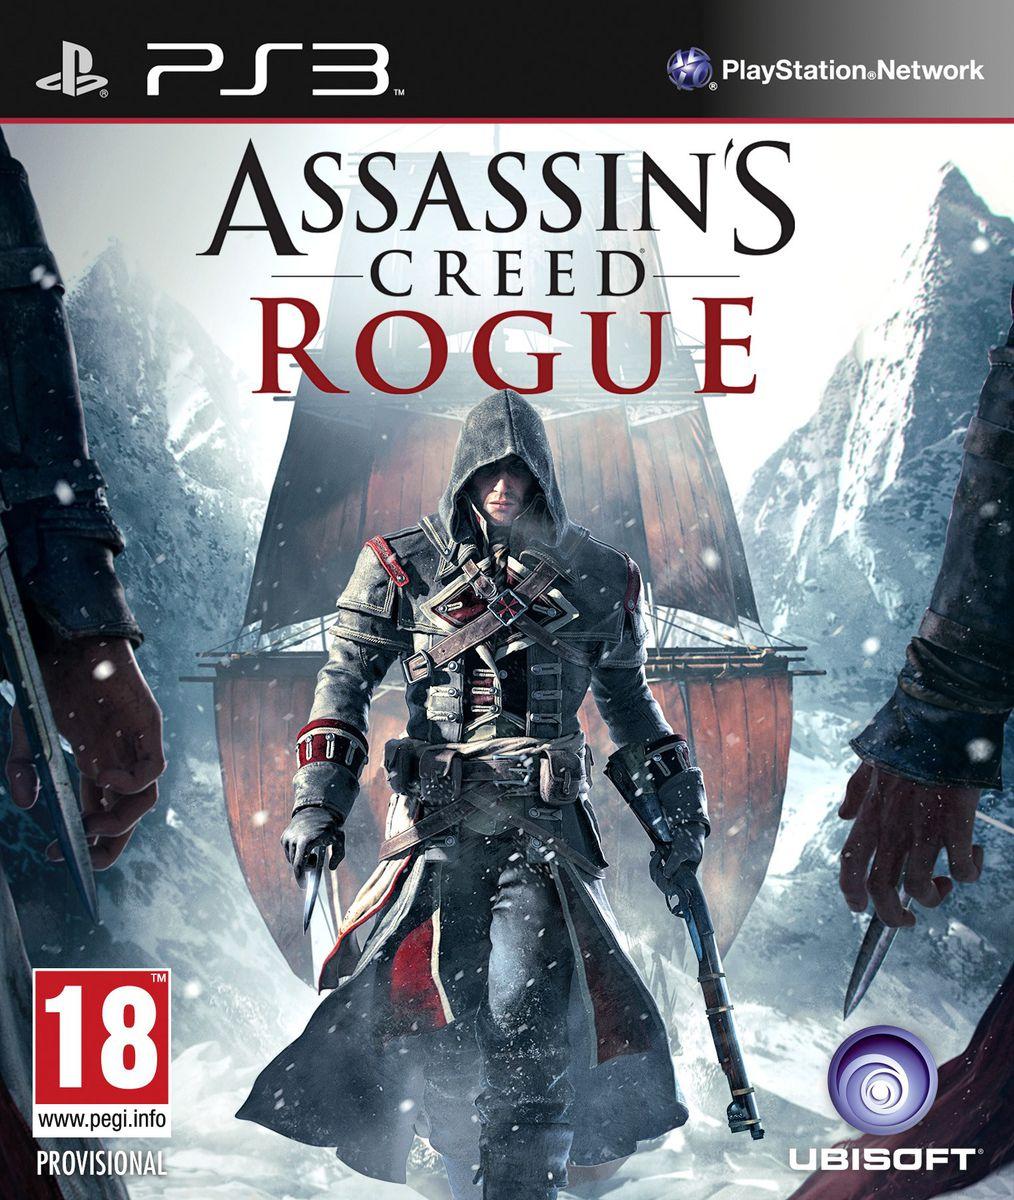 PS3 Assassins Creed Rogue Nové